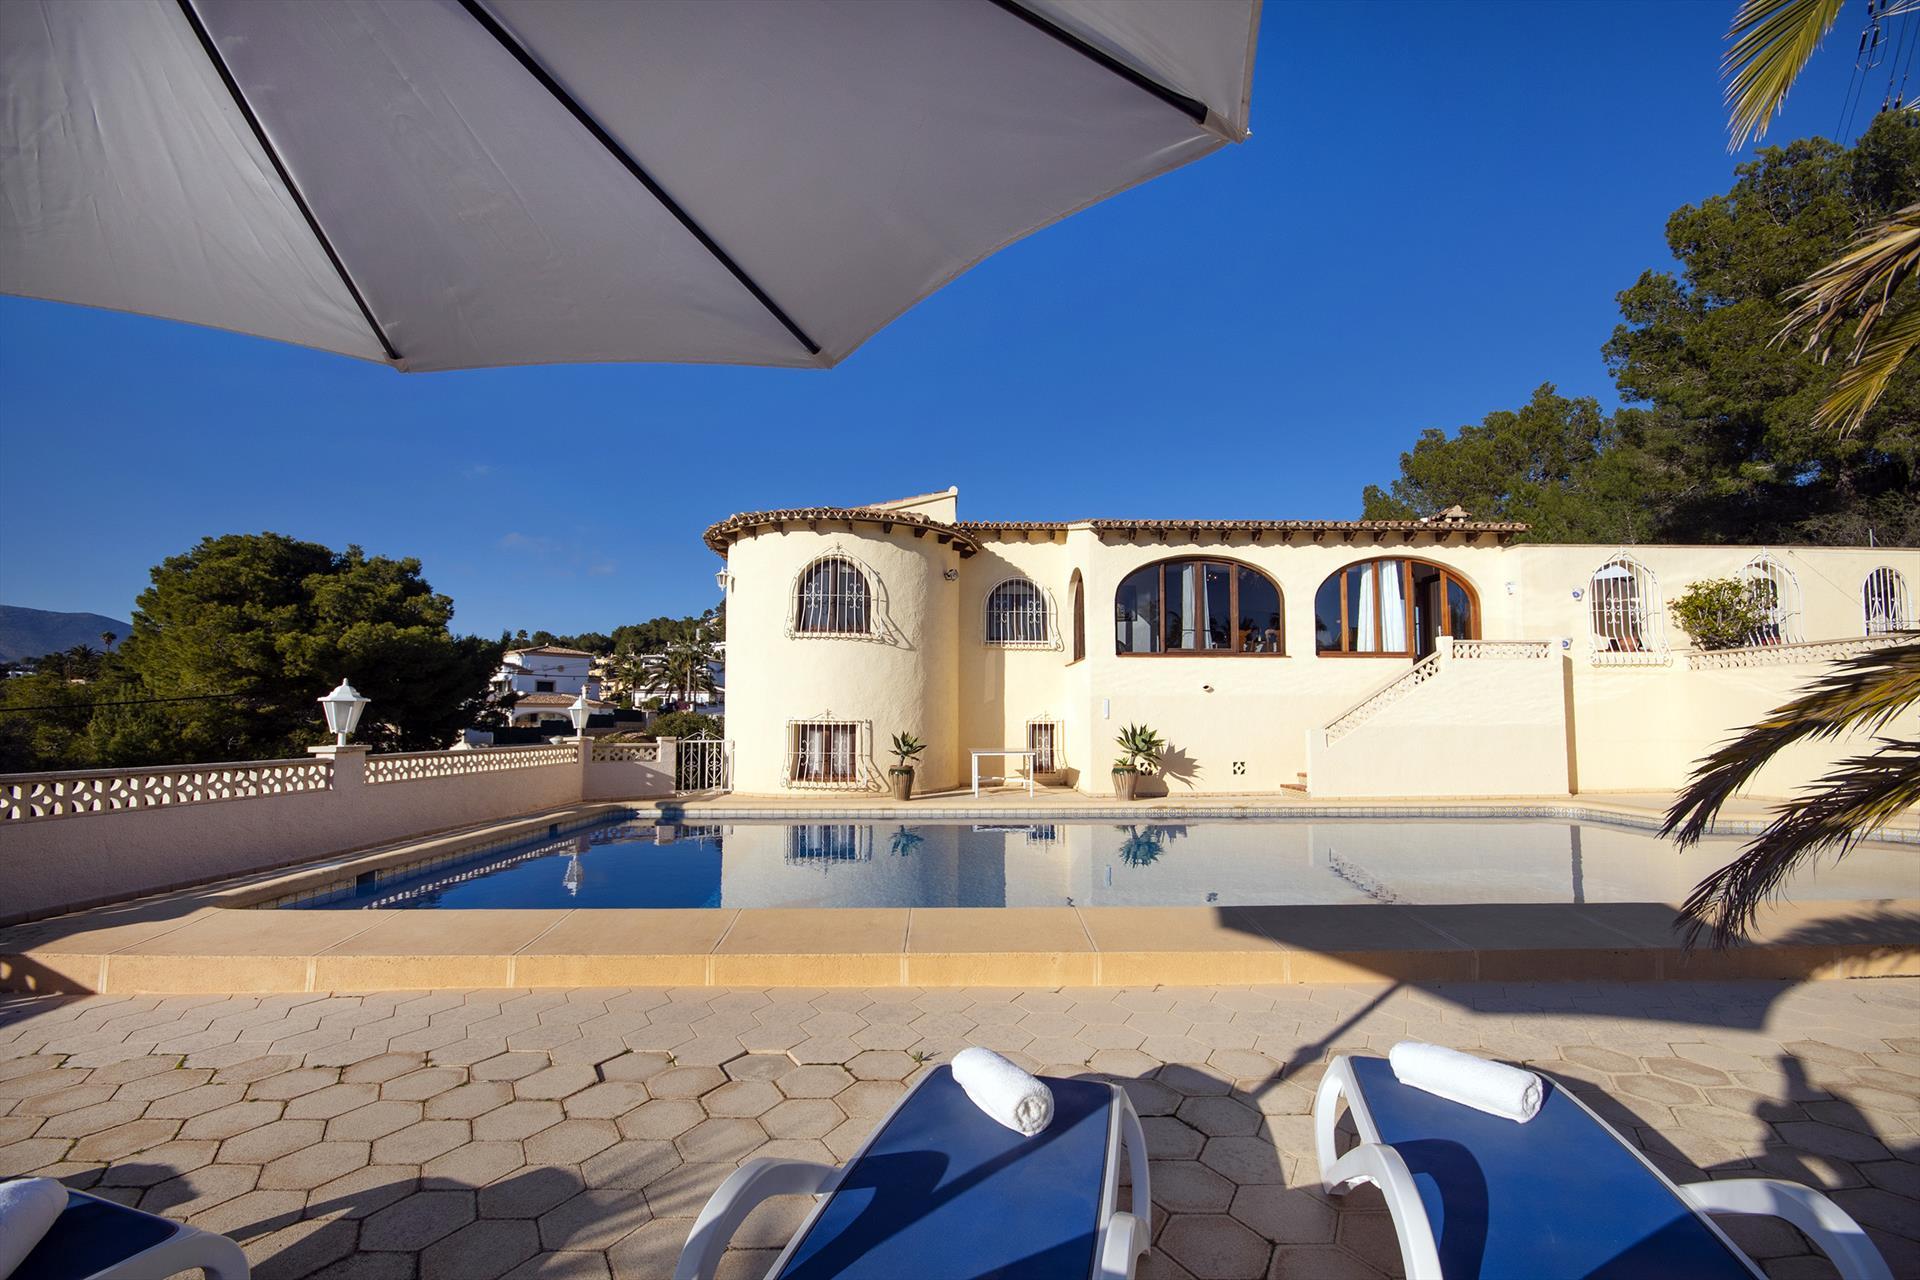 Heno 6,Grande villa charmante  avec piscine privée à Calpe, sur la Costa Blanca, Espagne pour 6 personnes.....